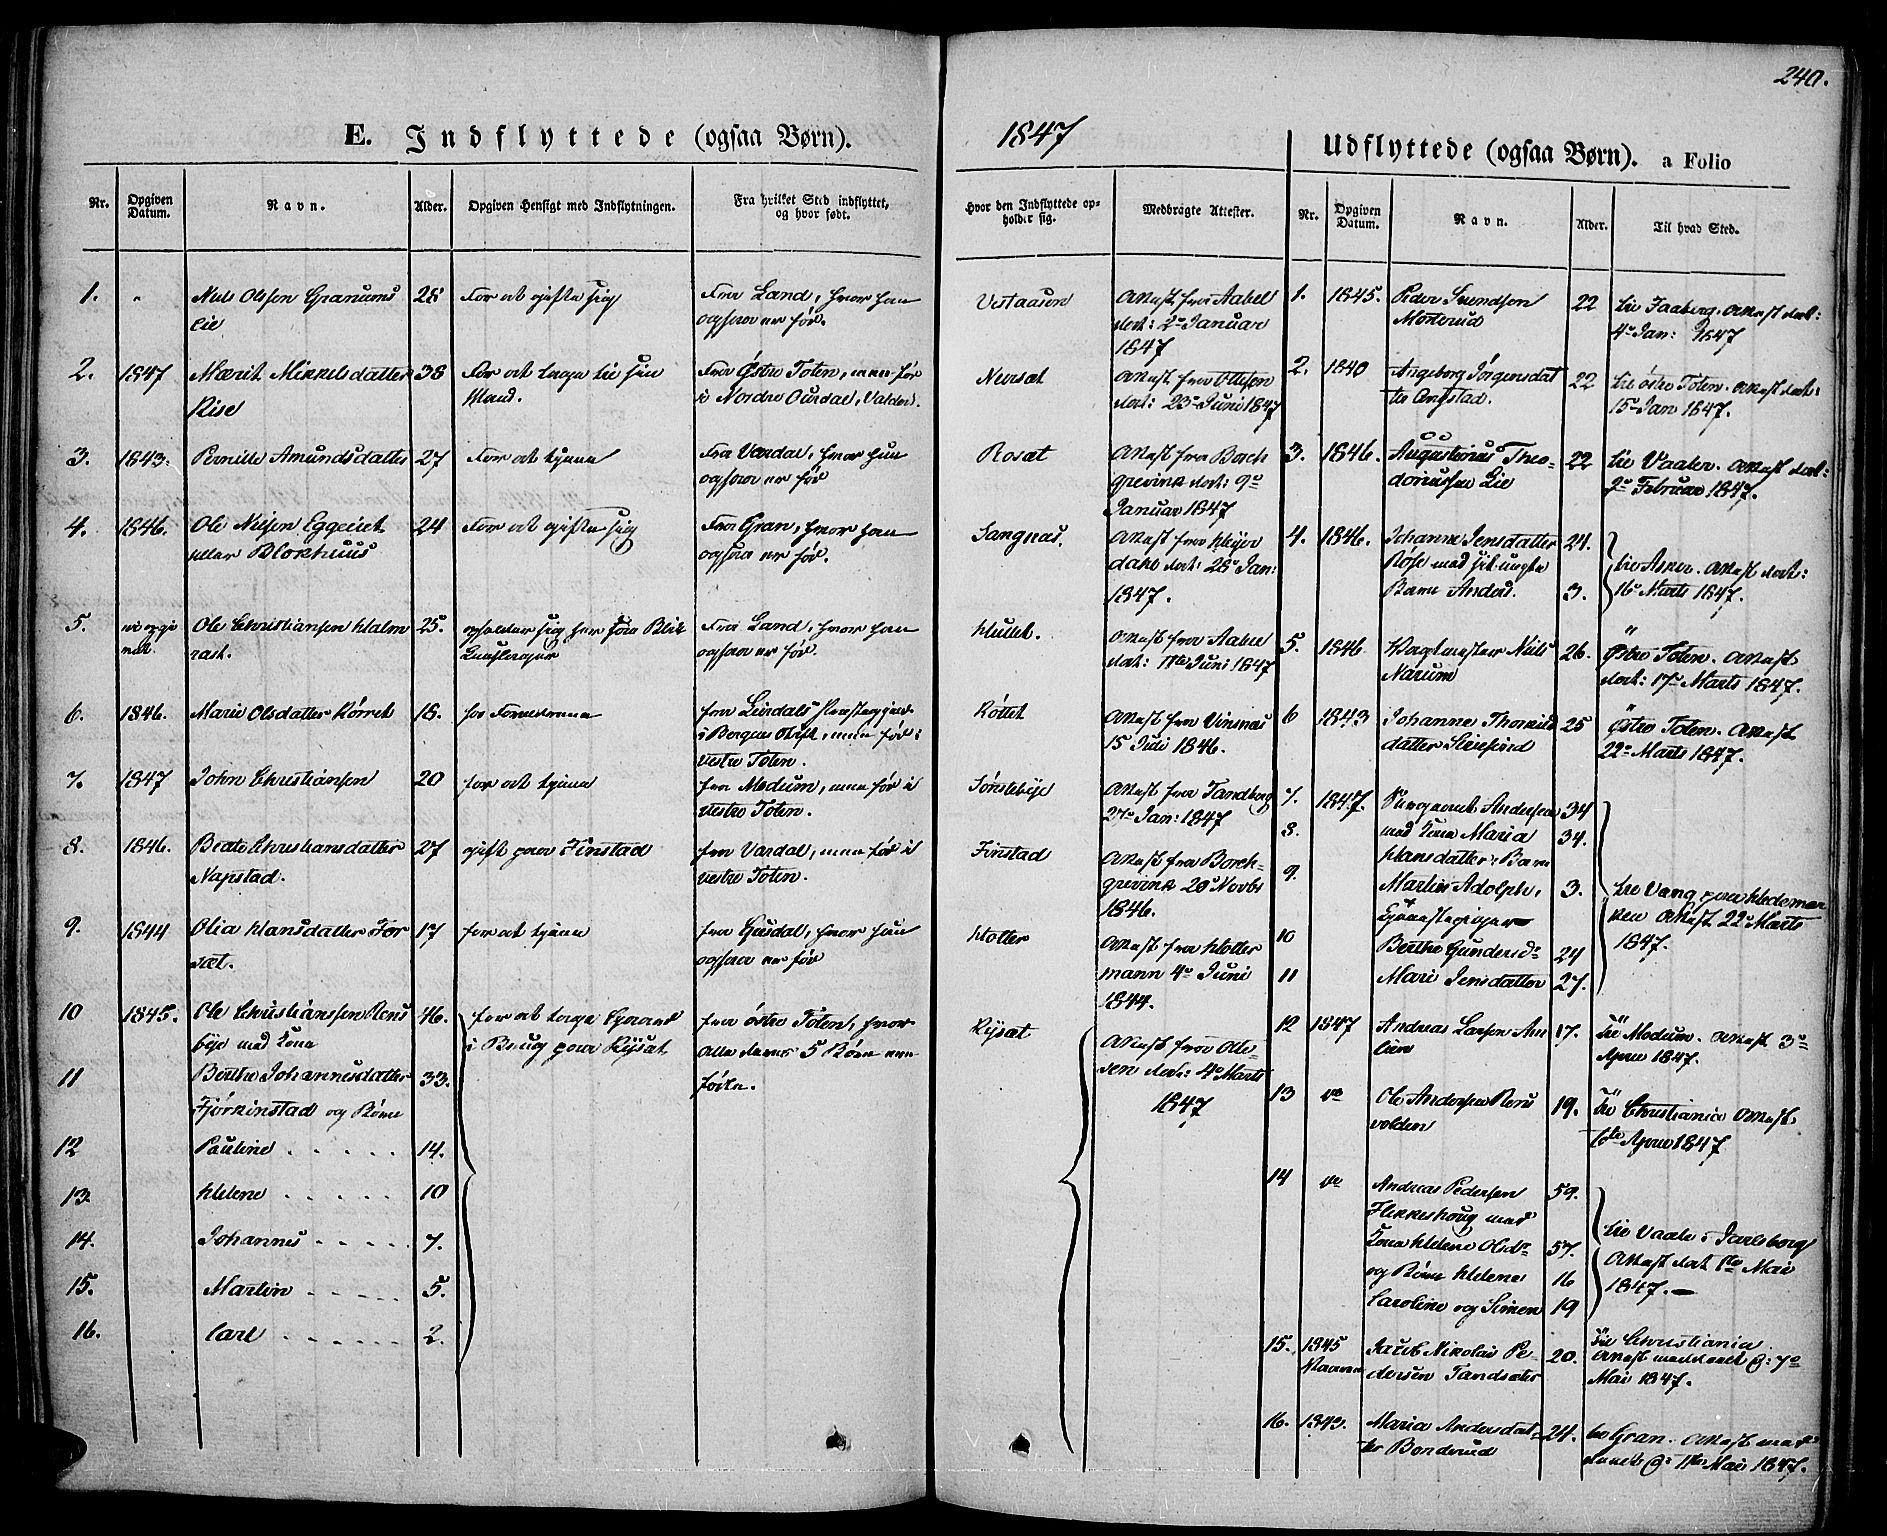 SAH, Vestre Toten prestekontor, Ministerialbok nr. 4, 1844-1849, s. 240